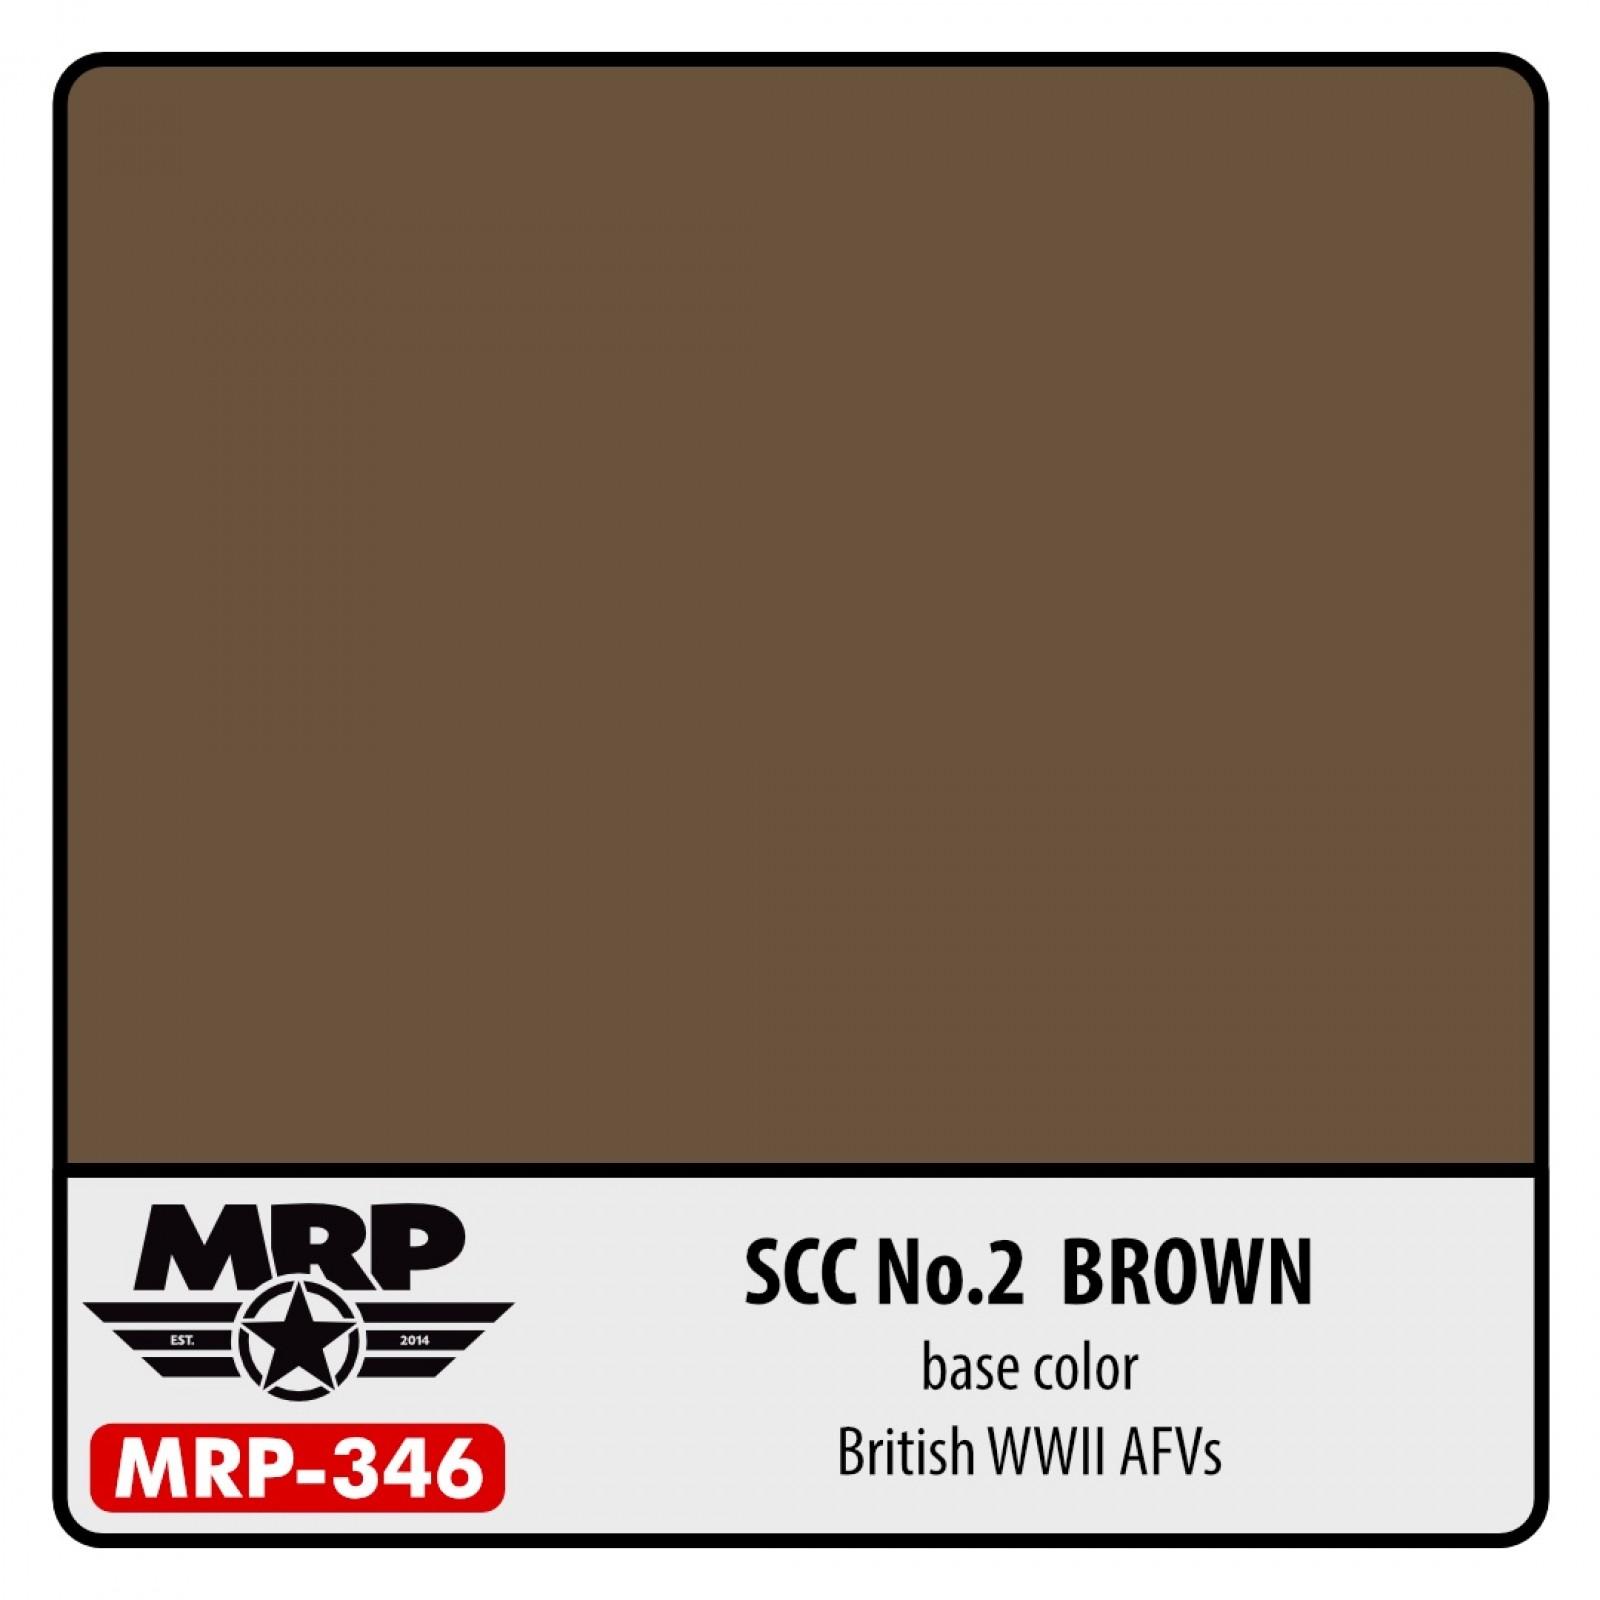 MRP-346  SCC No.2